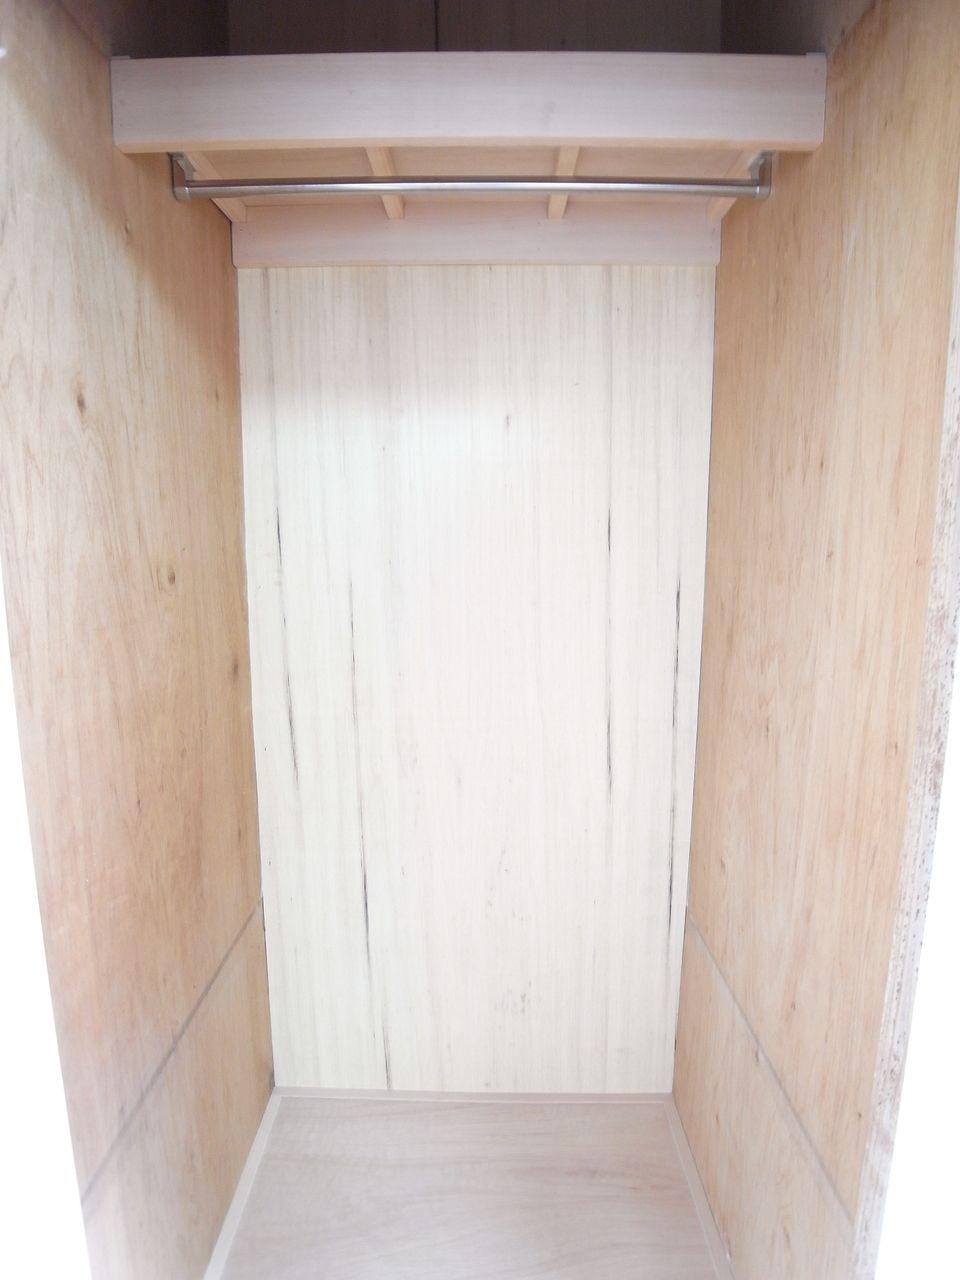 枕棚を含め内側を張り替え感じる木の温もり